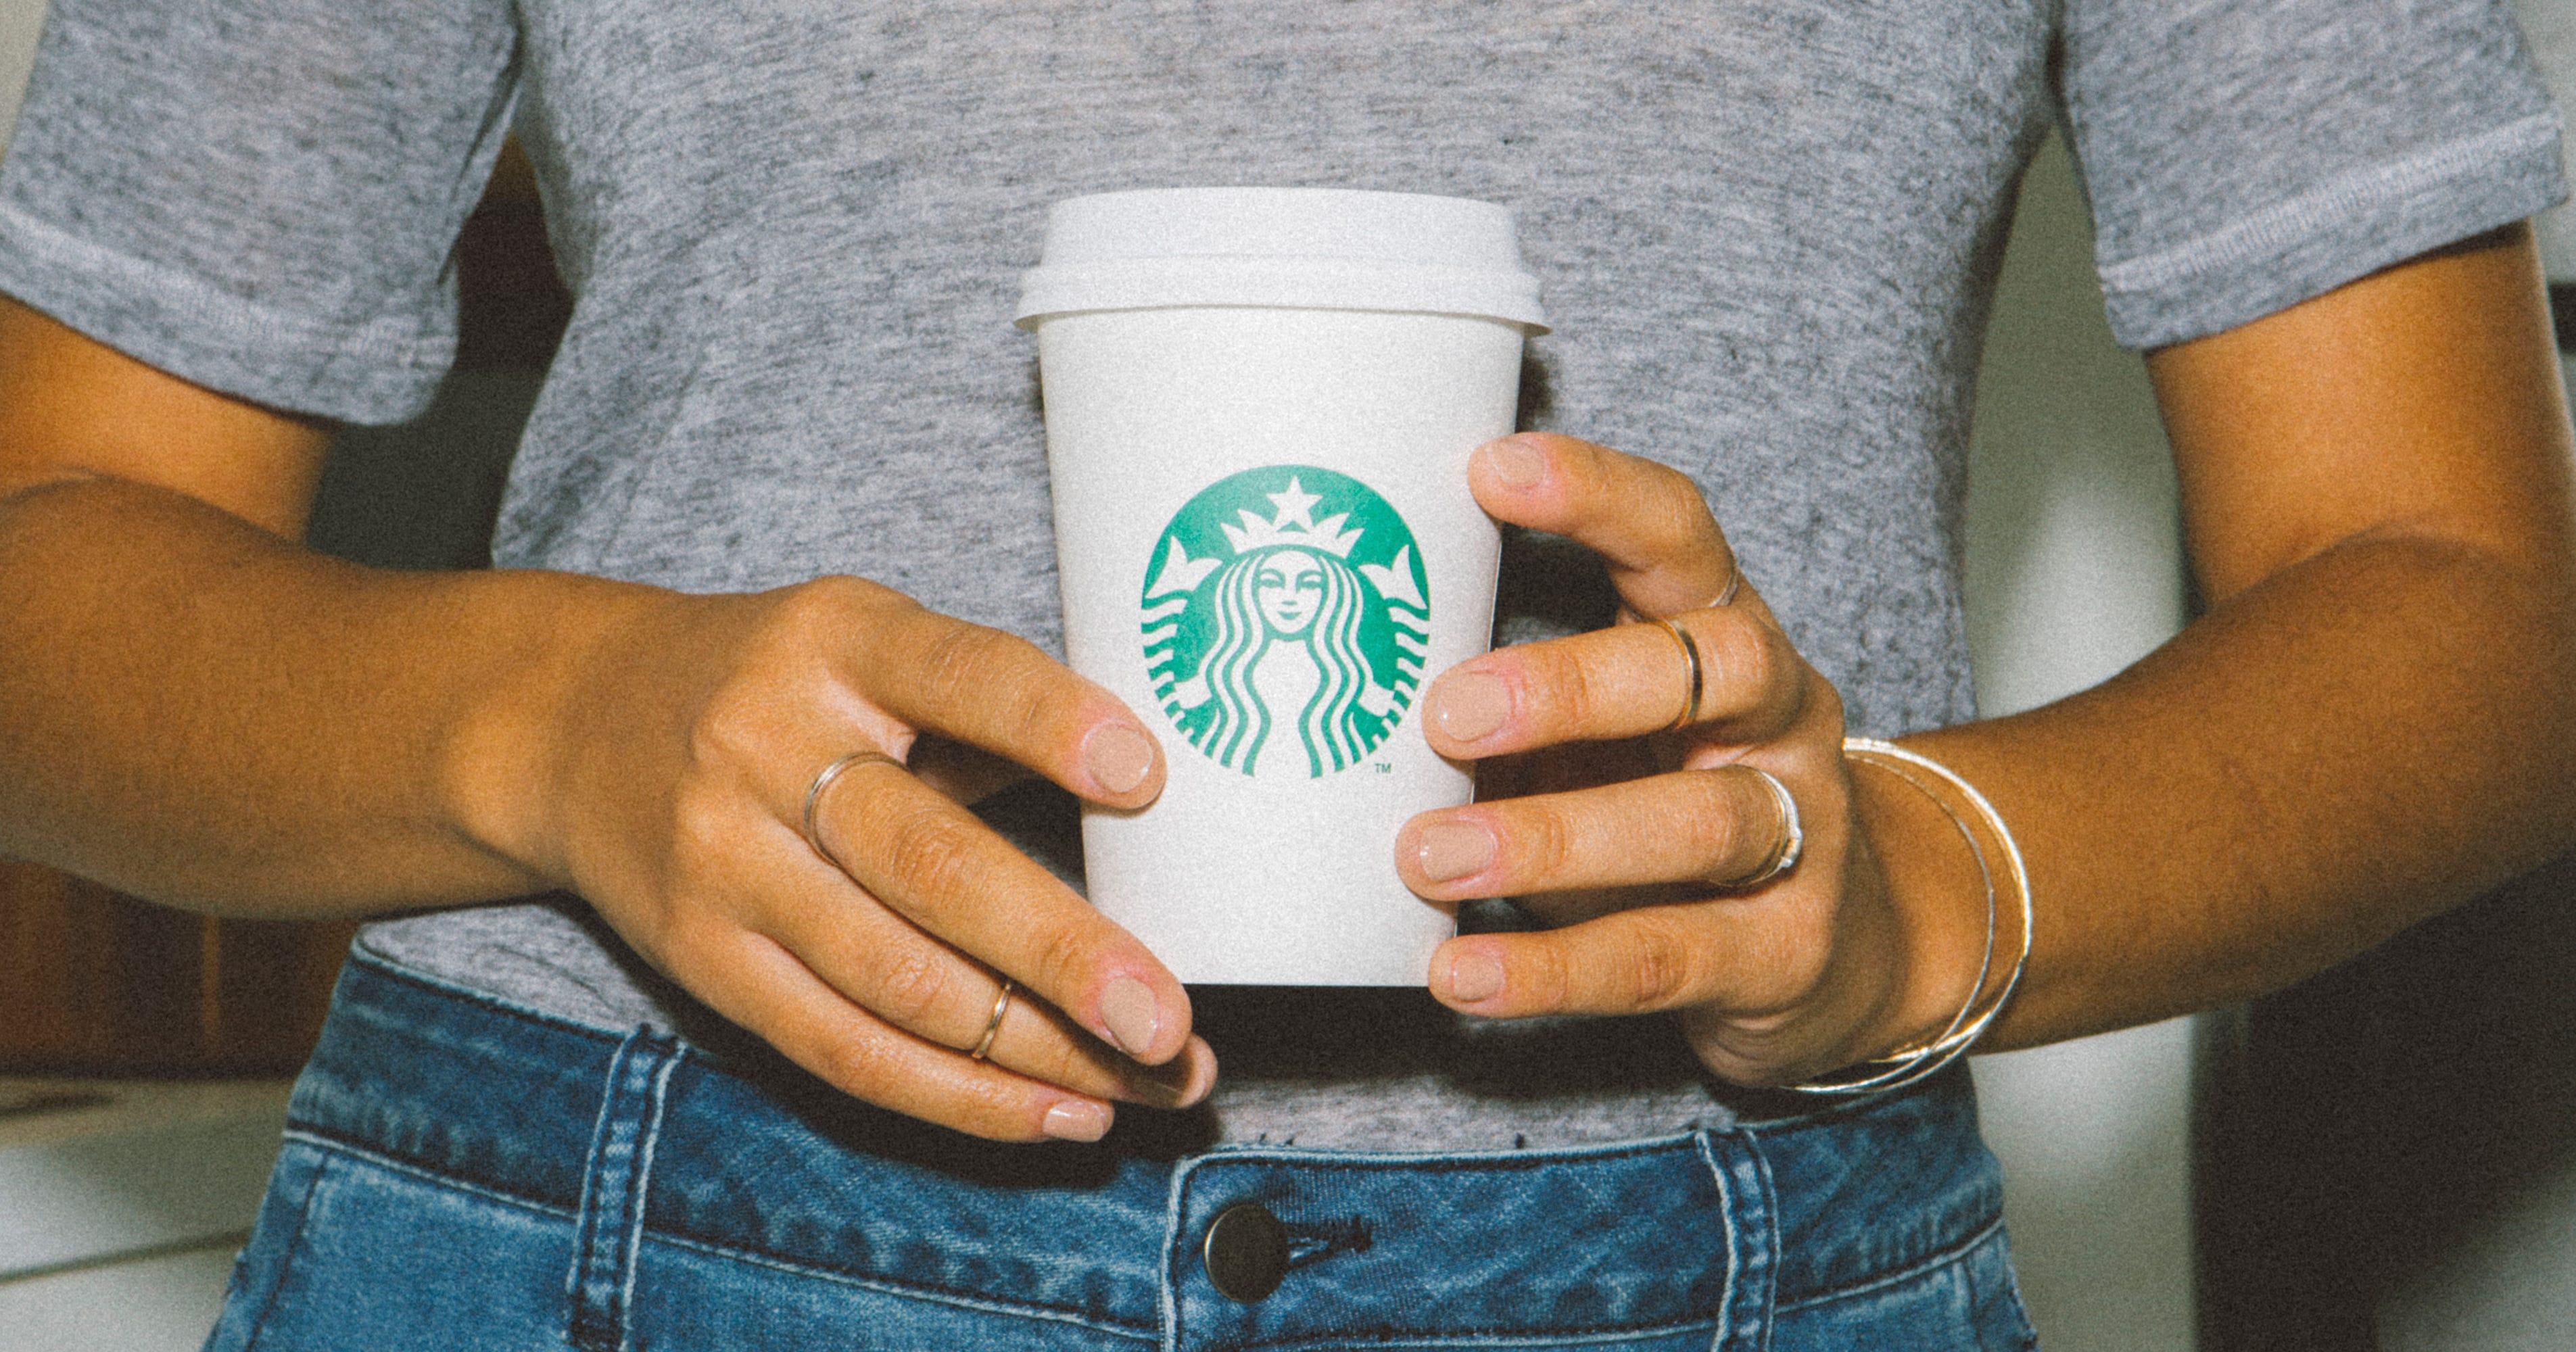 Starbucks Employees Favorite Drinks &ndash